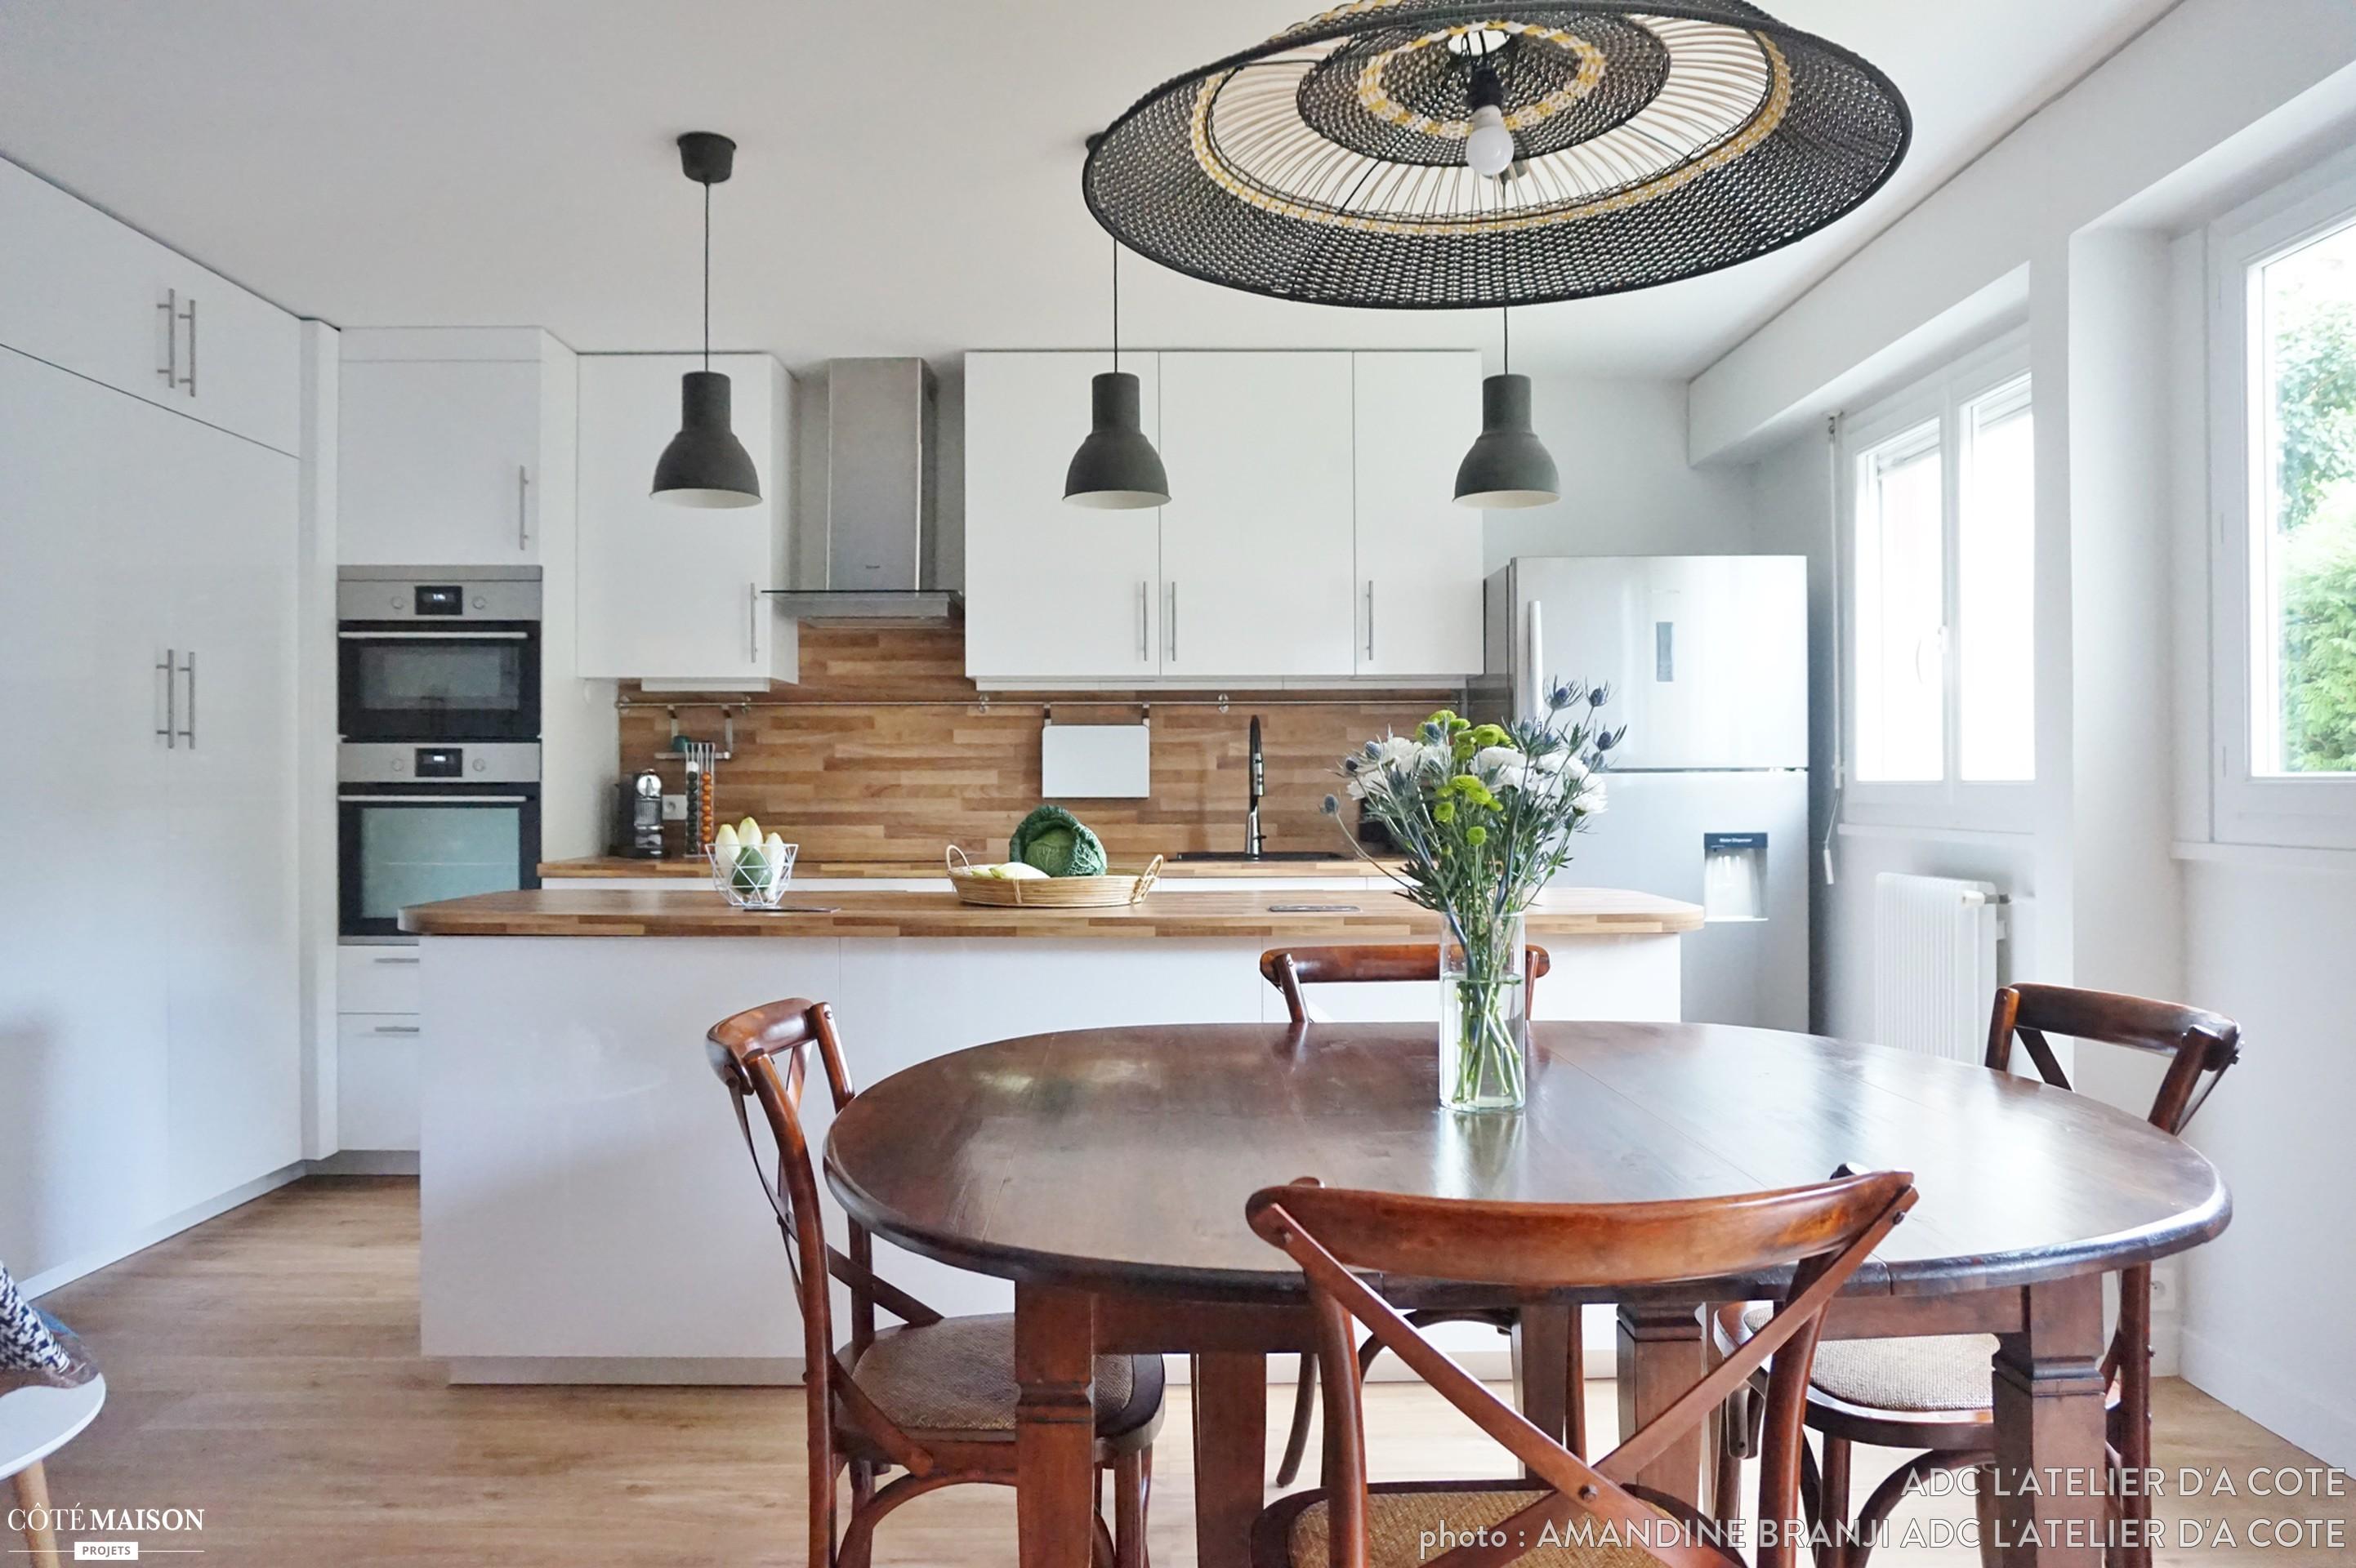 Cuisine salon salle manger 40m2 maison parallele - Amenagement salon salle a manger cuisine ouverte ...